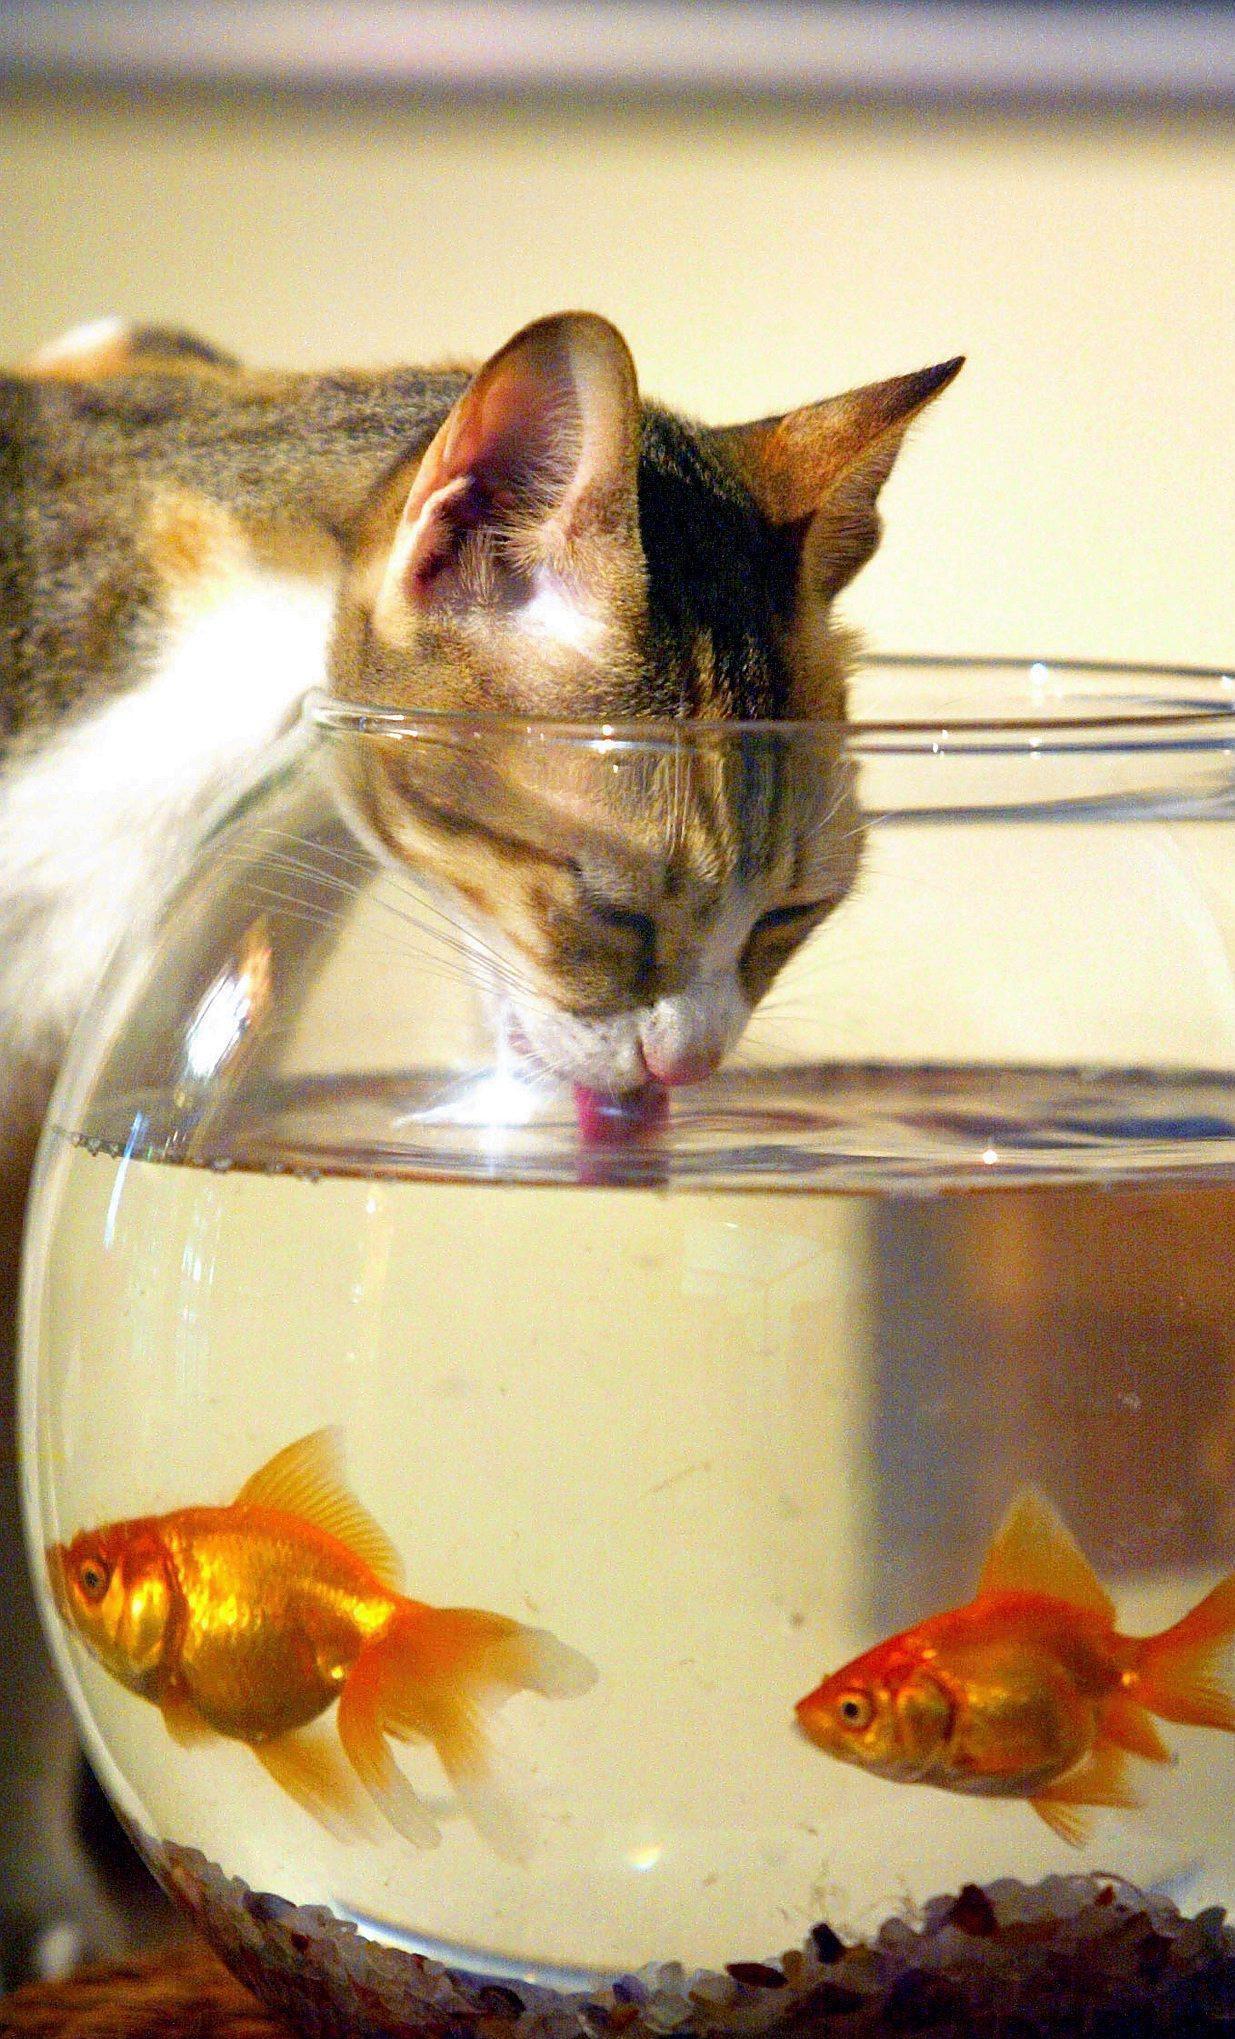 картинка кот у аквариума с рыбками вероятность, что домой